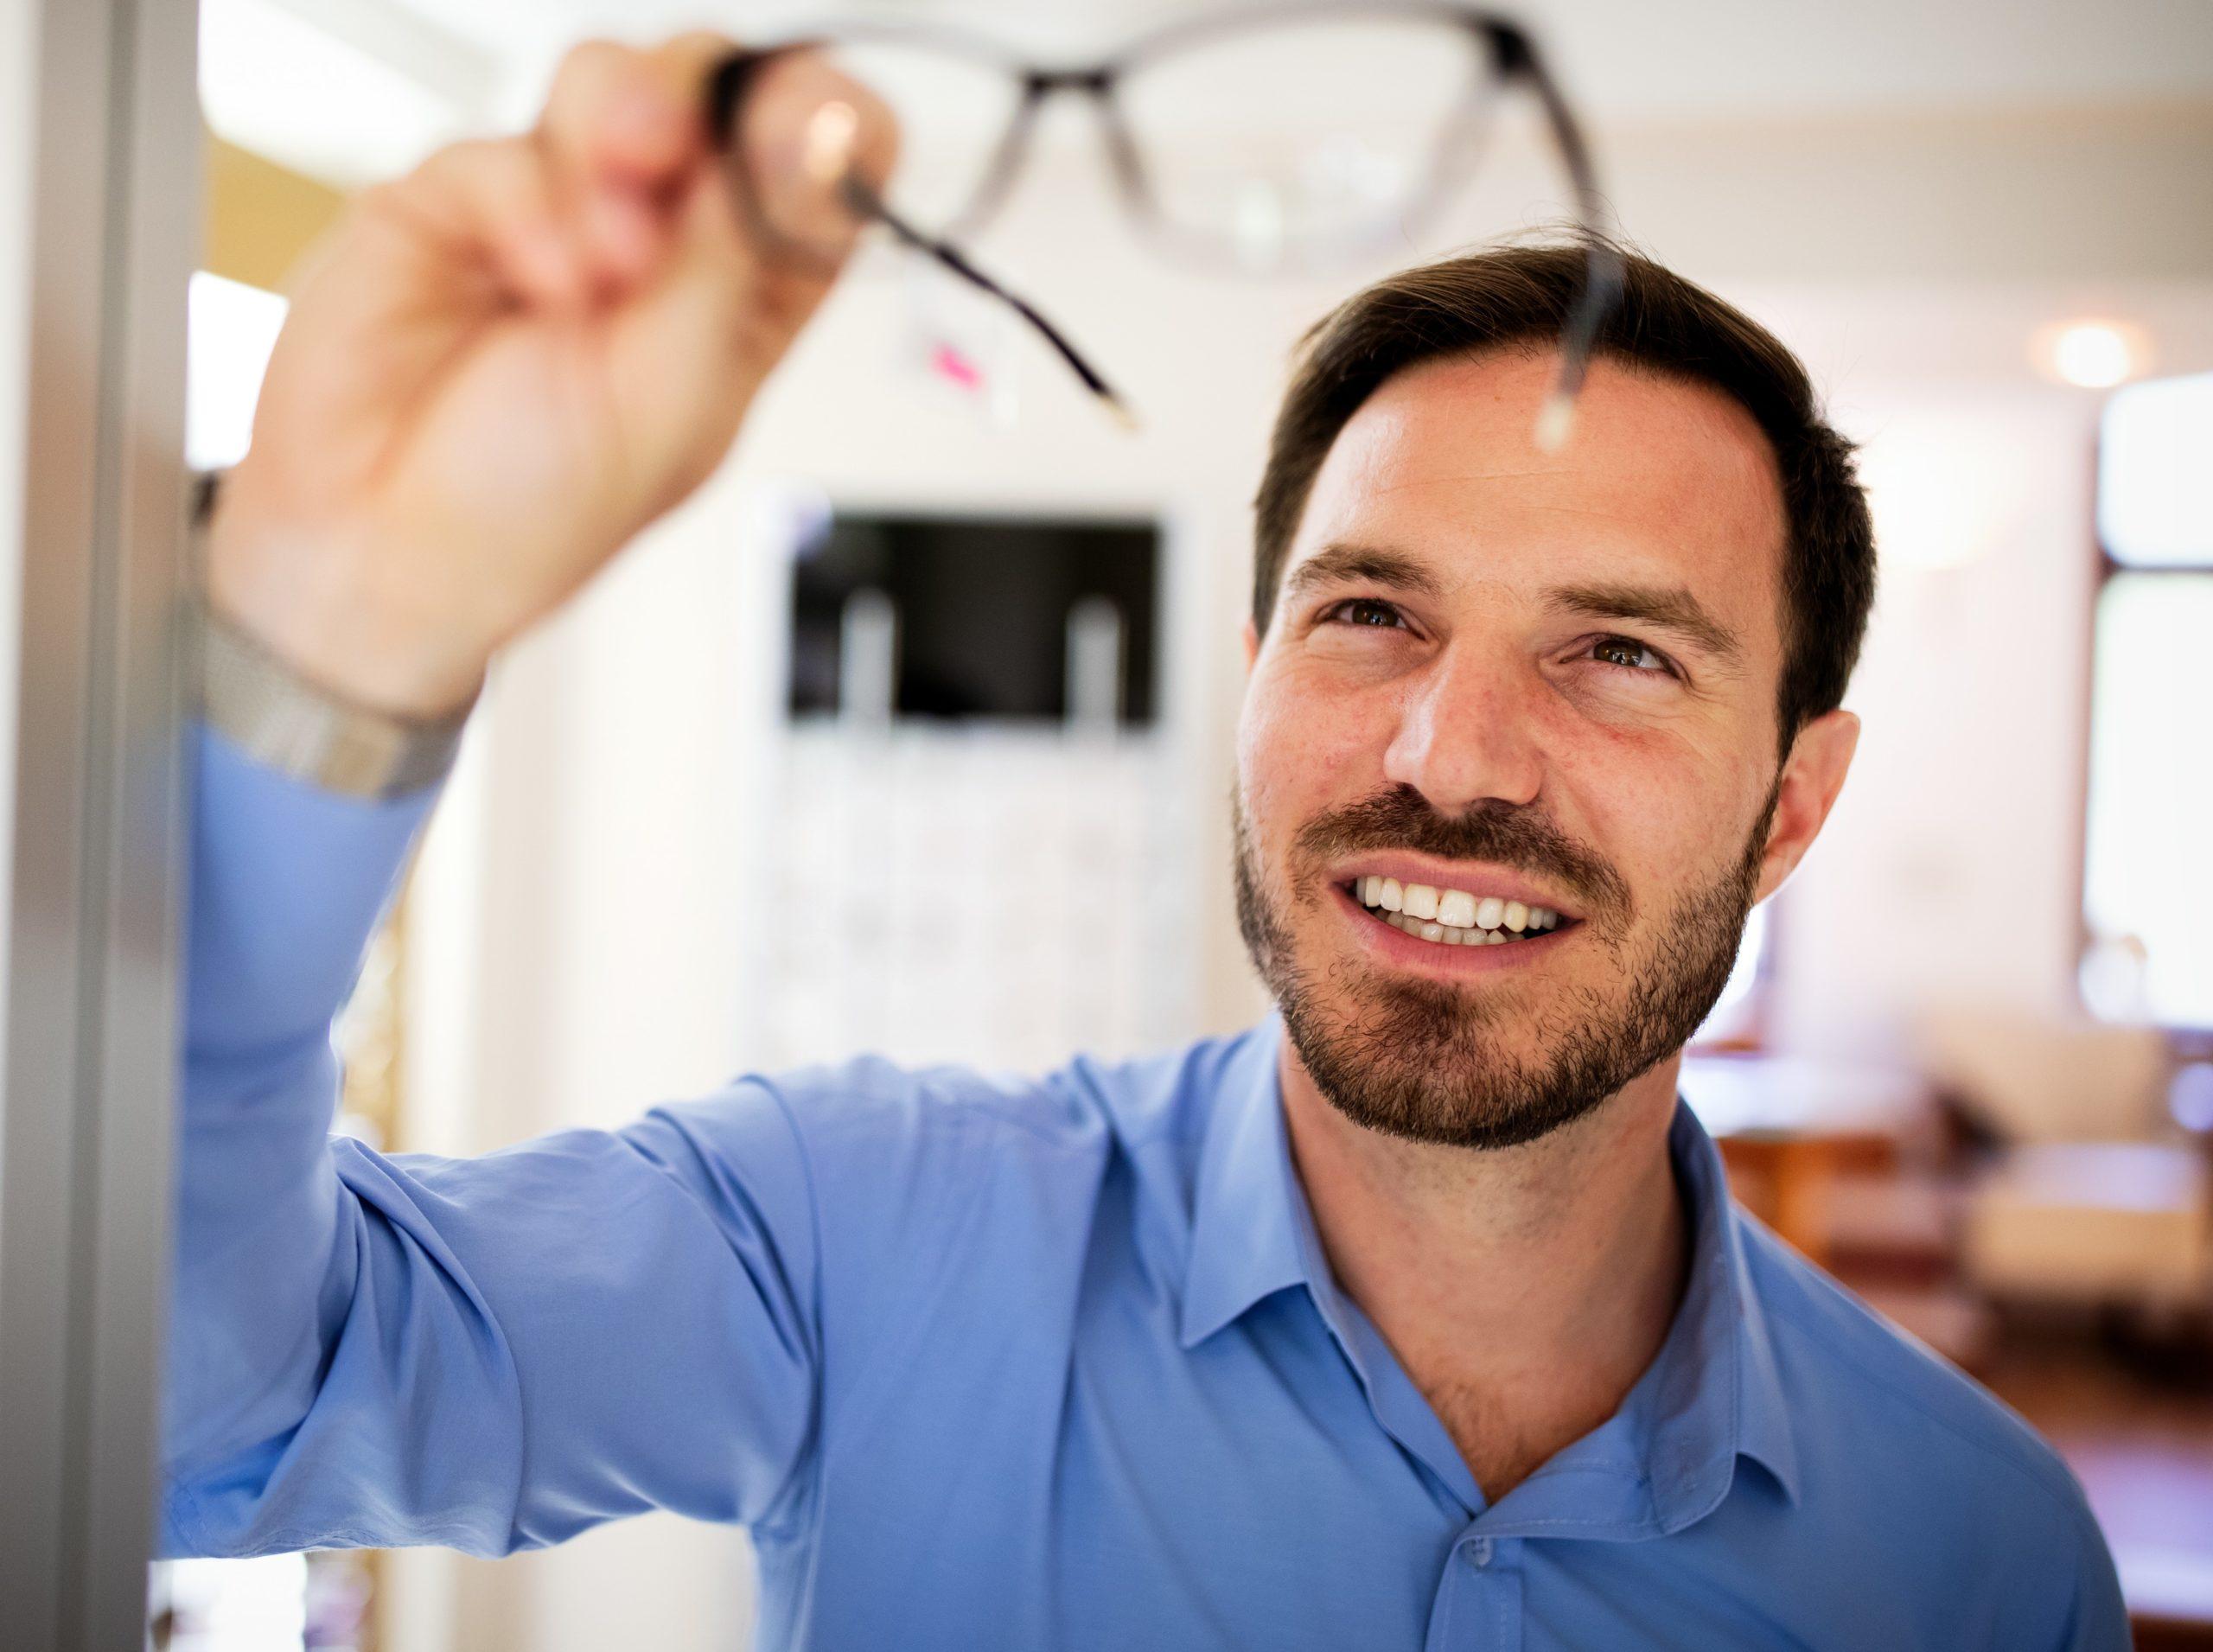 הסרת משקפיים בלייזר לגברים